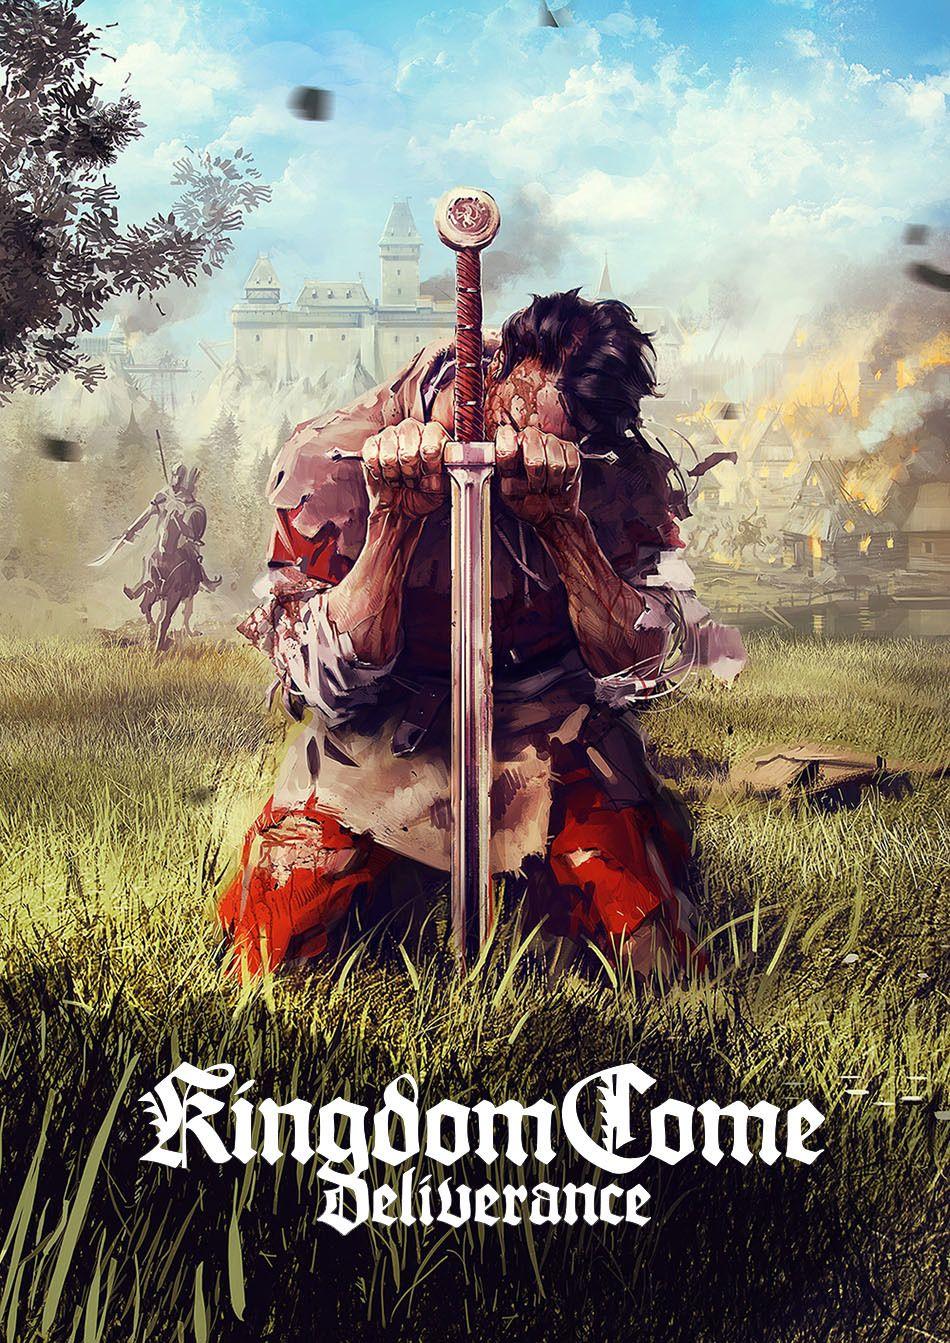 Kingdome Come, Deliverance